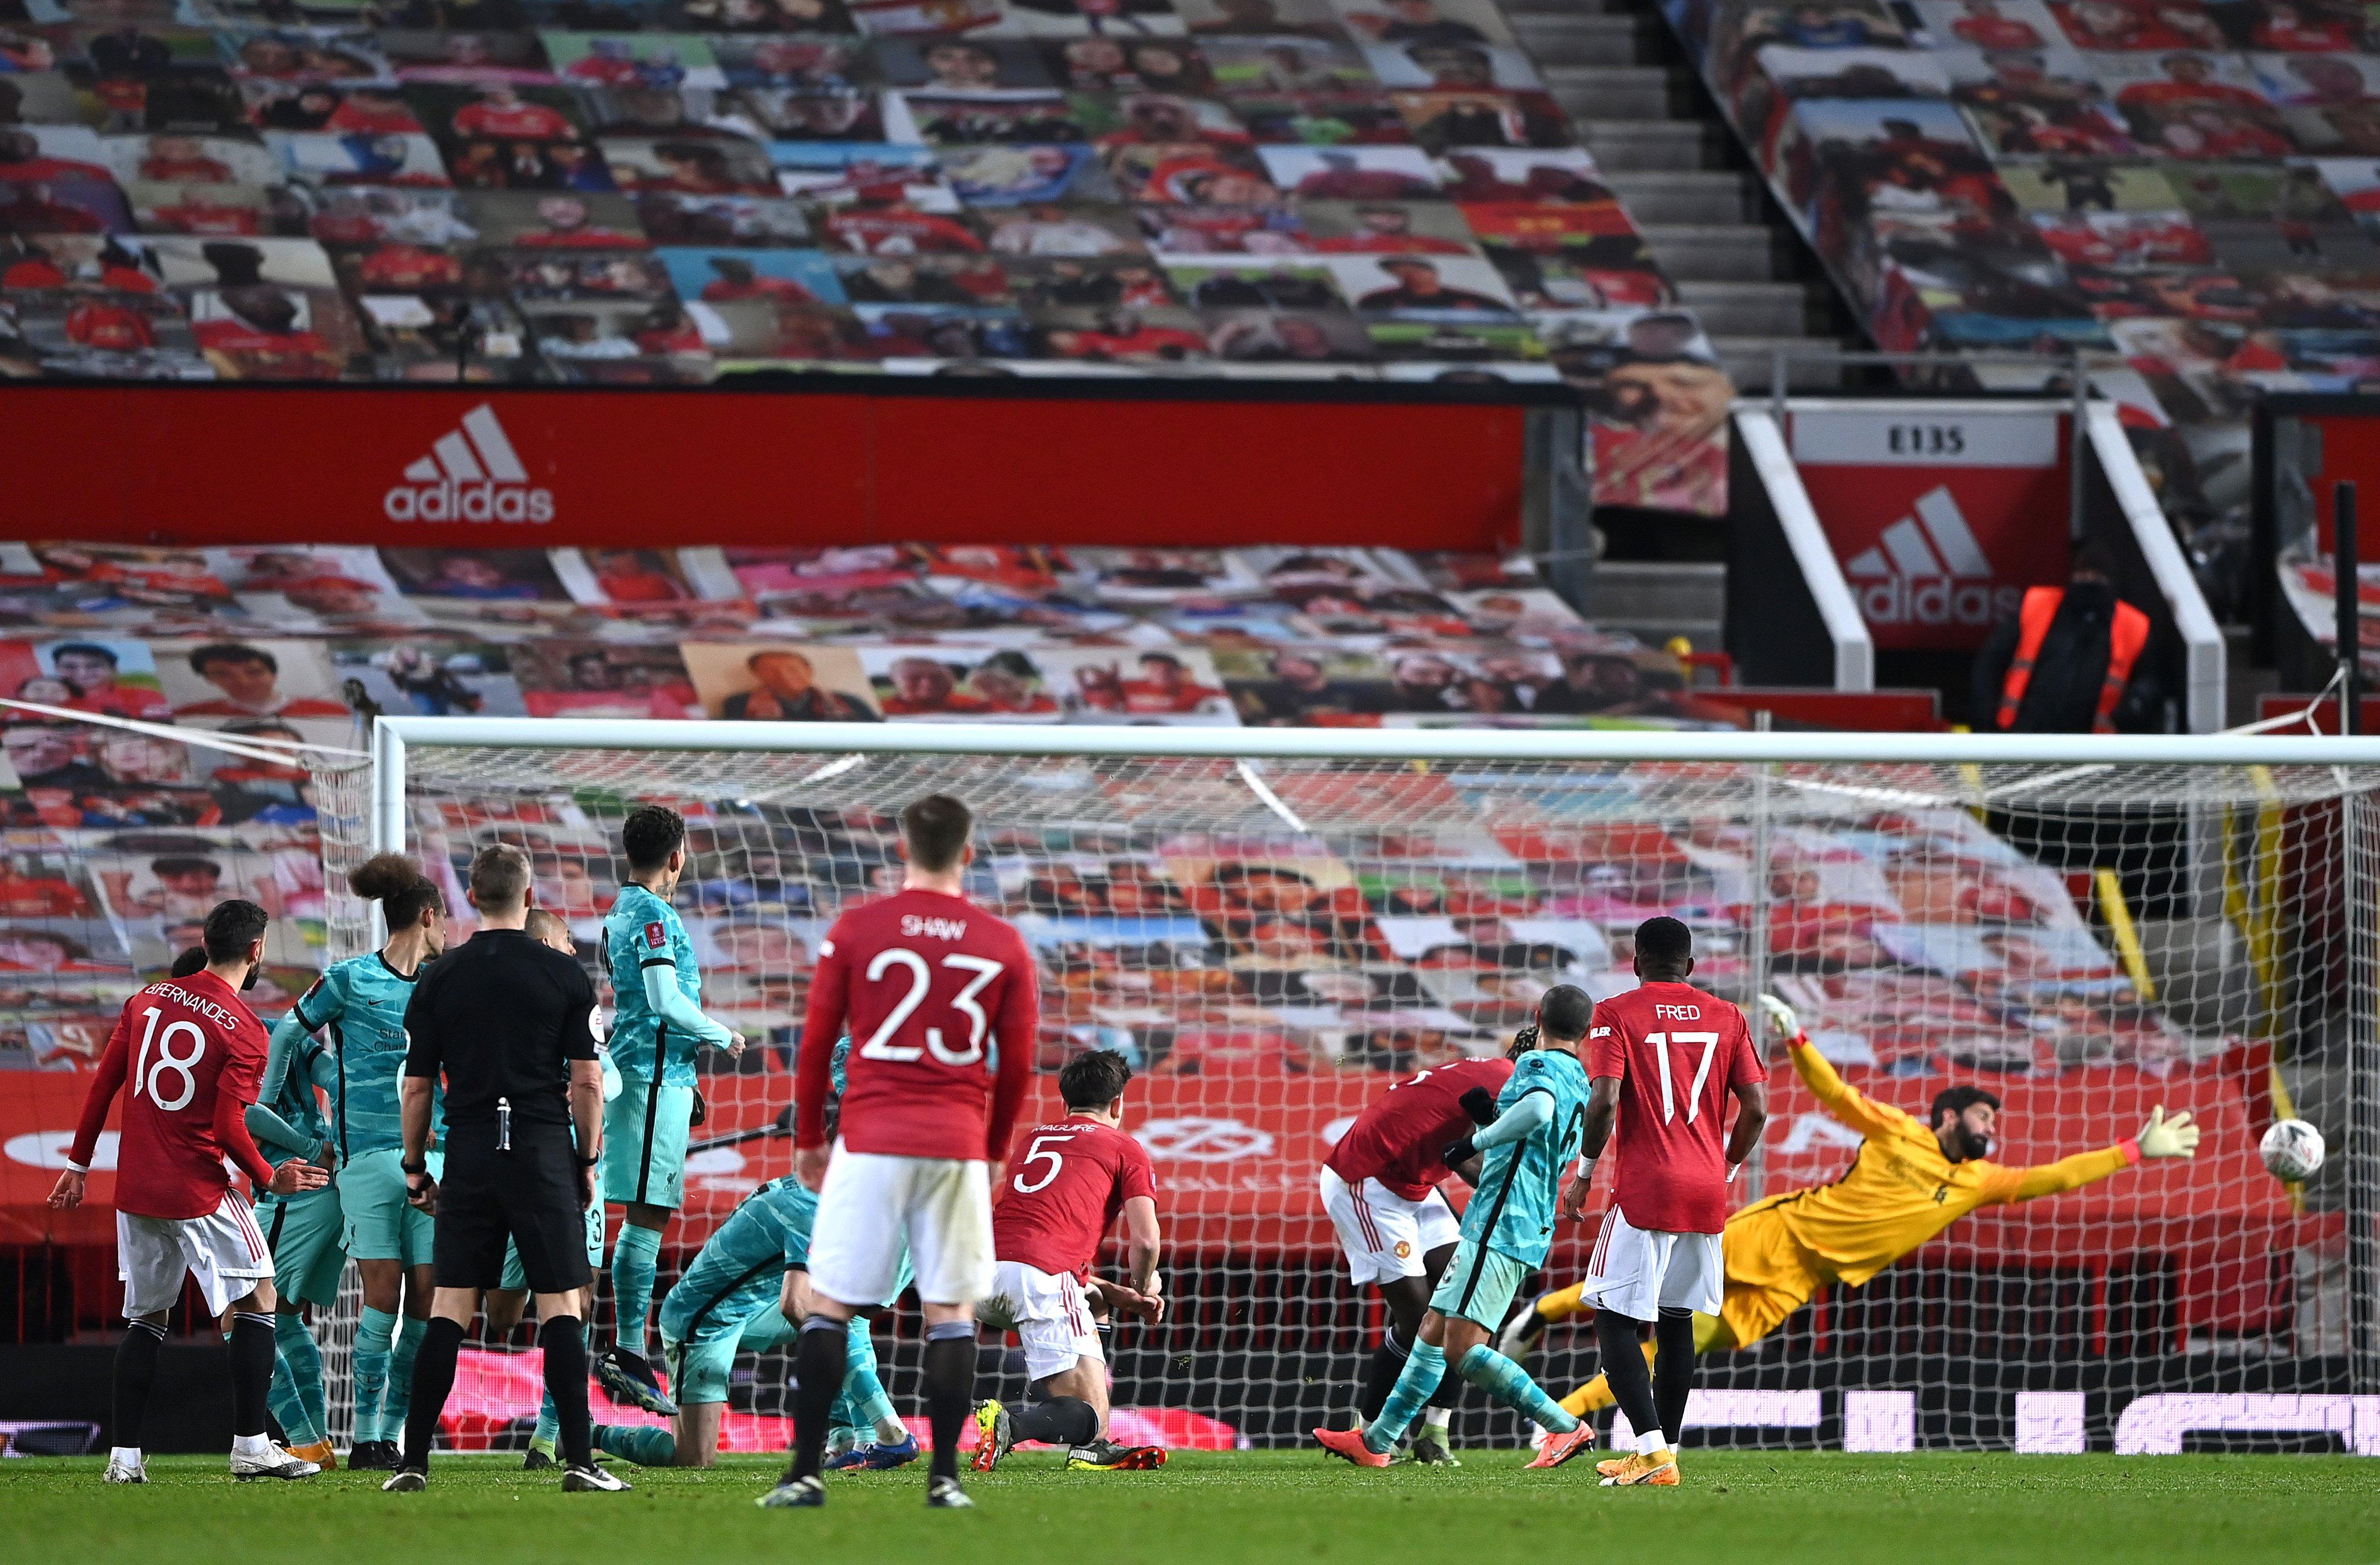 El Manchester United venció al Liverpool